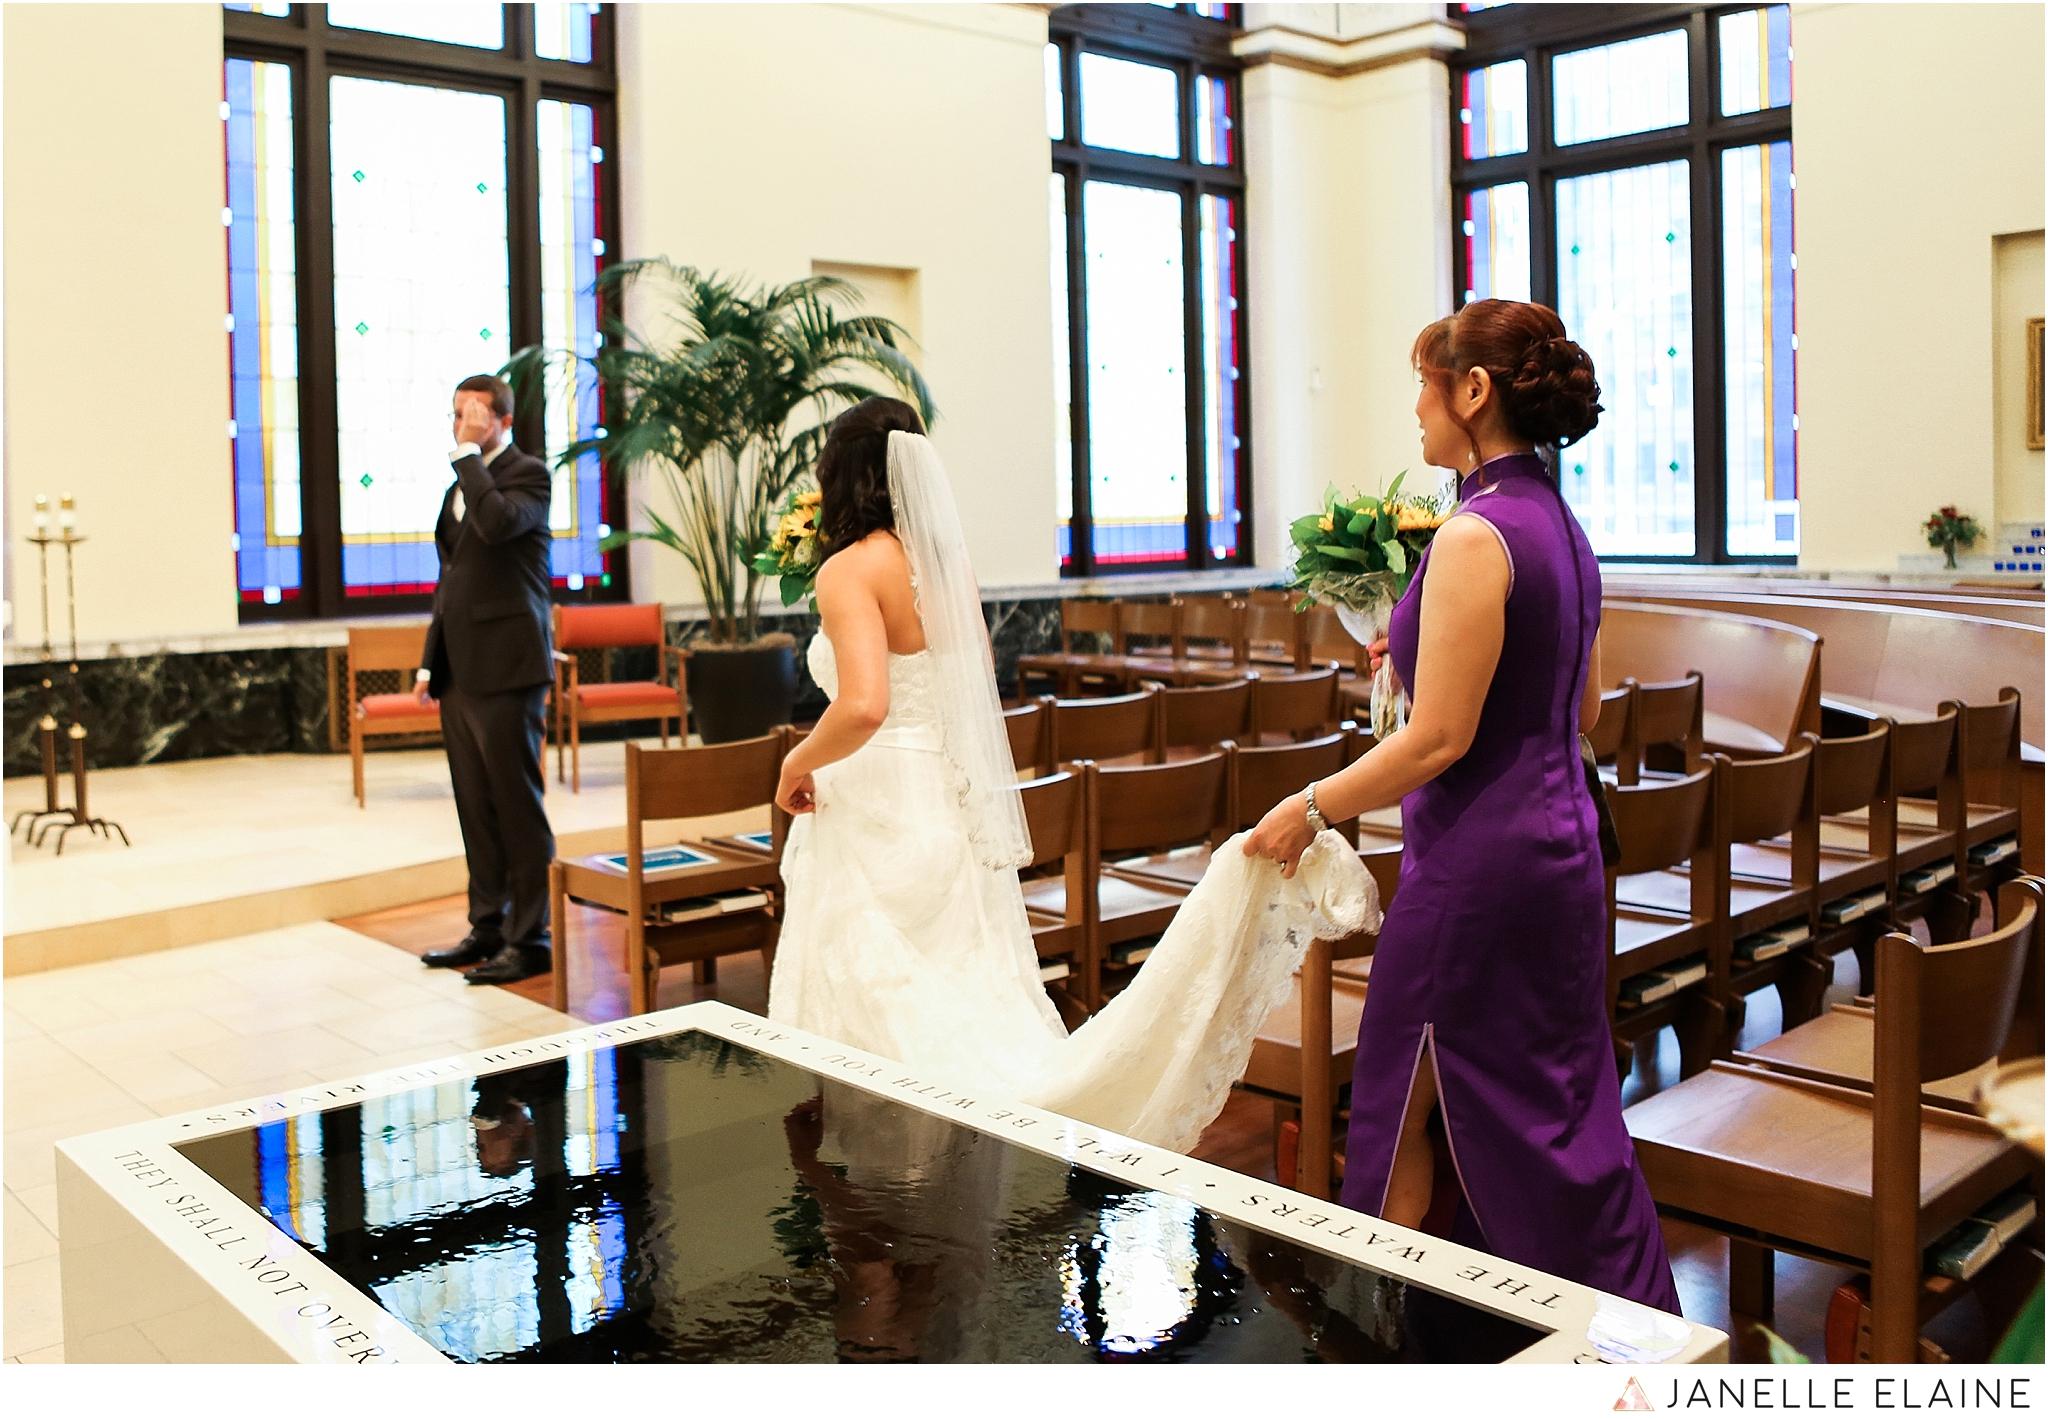 janelle elaine photography-professional wedding photographer seattle--11.jpg